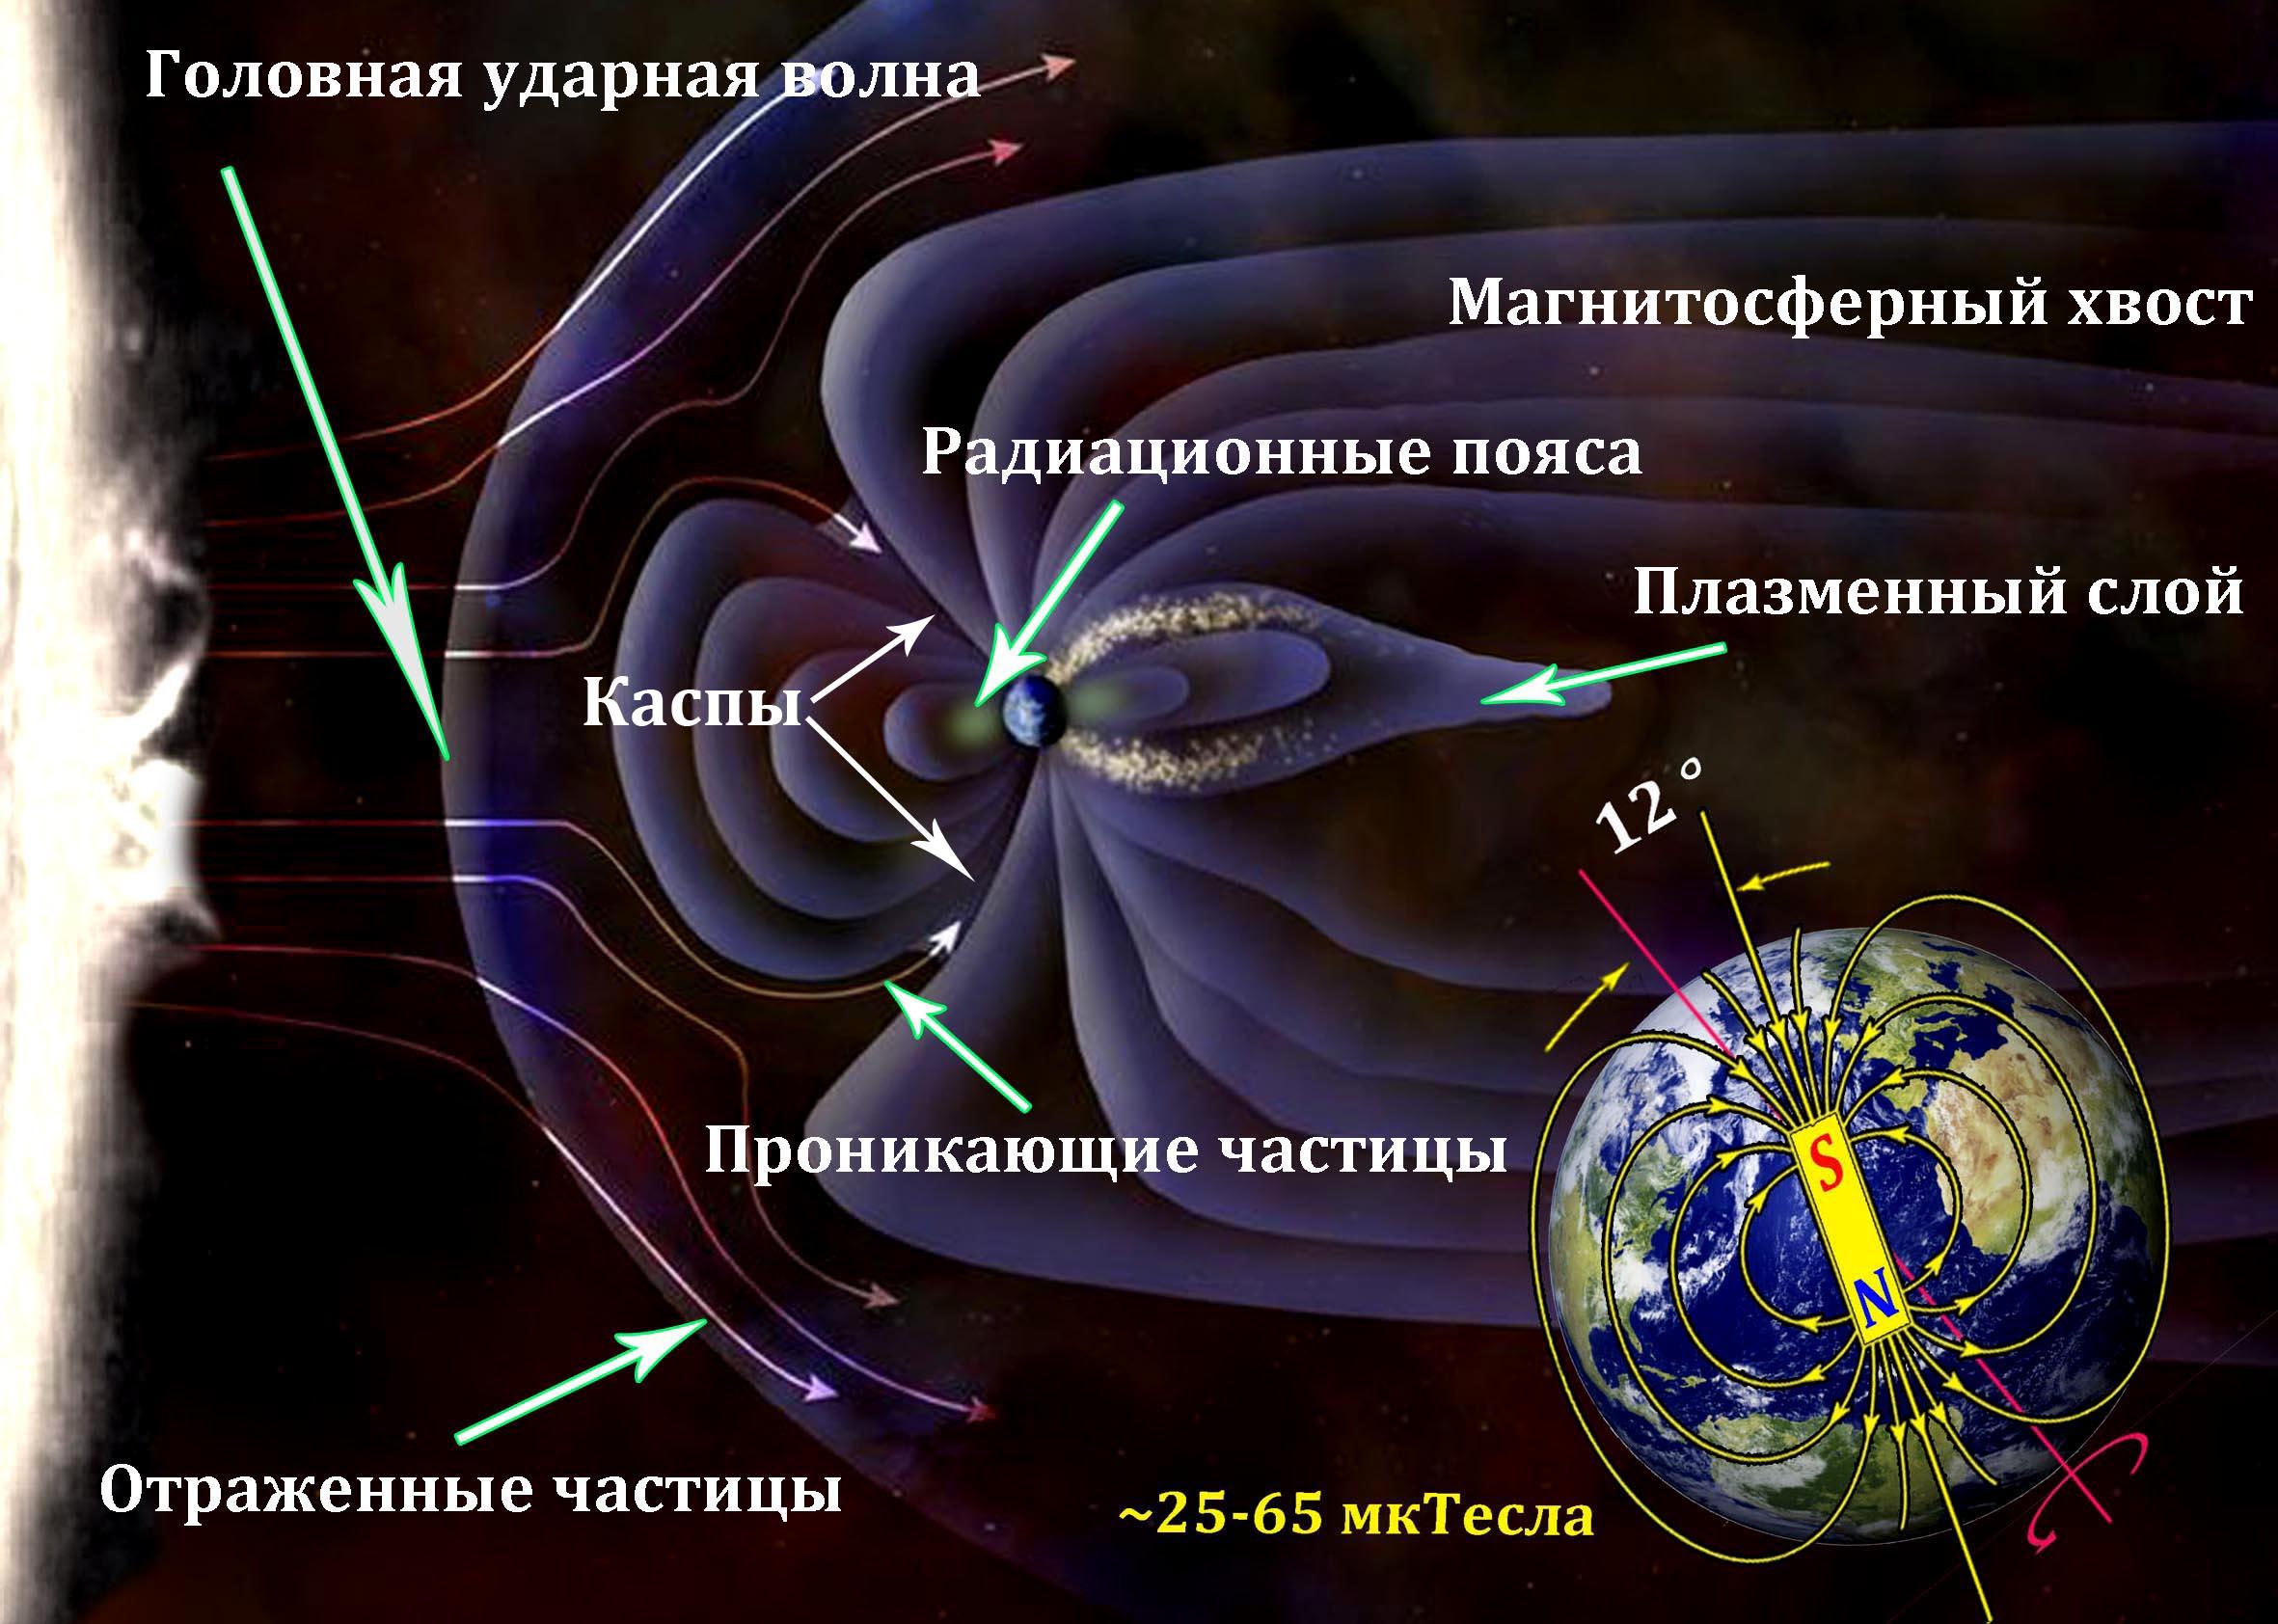 Полярные сияния на планетах Солнечной системы - 2